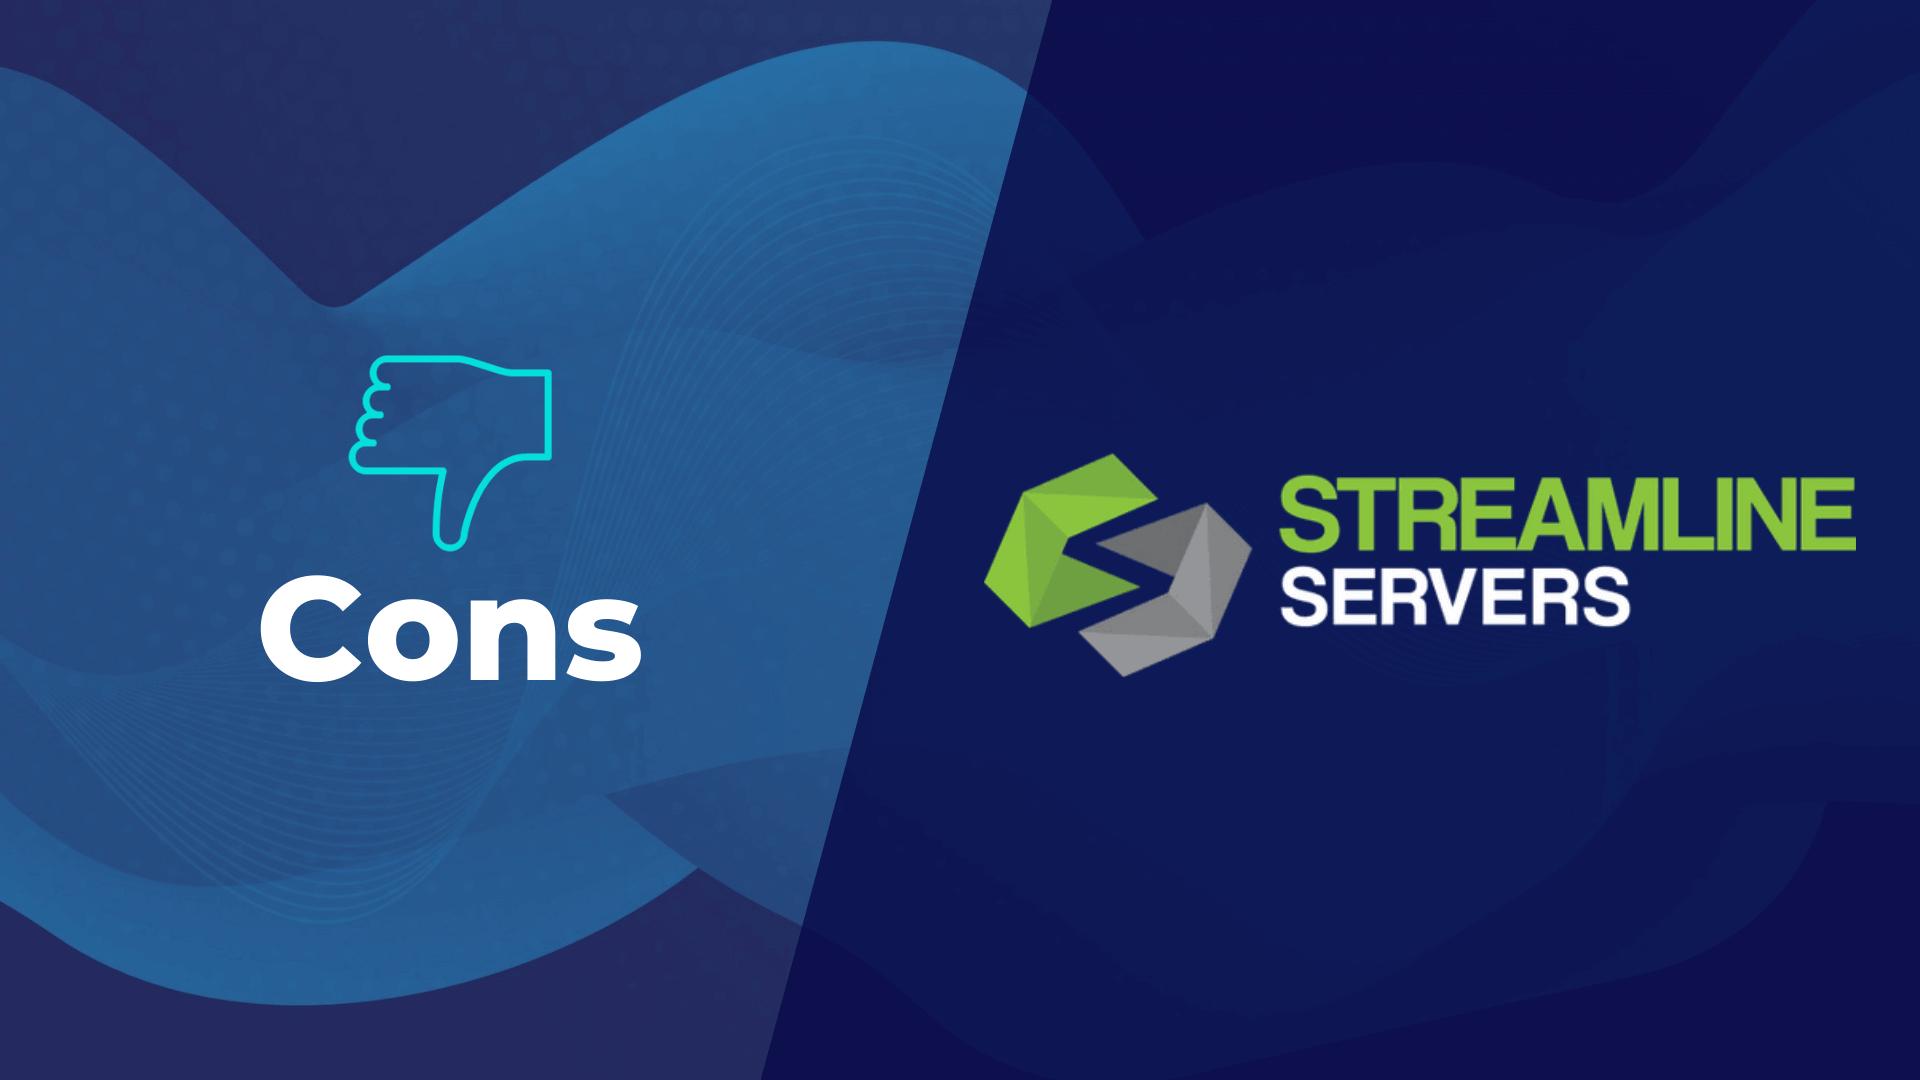 Streamline Servers Cons Scam